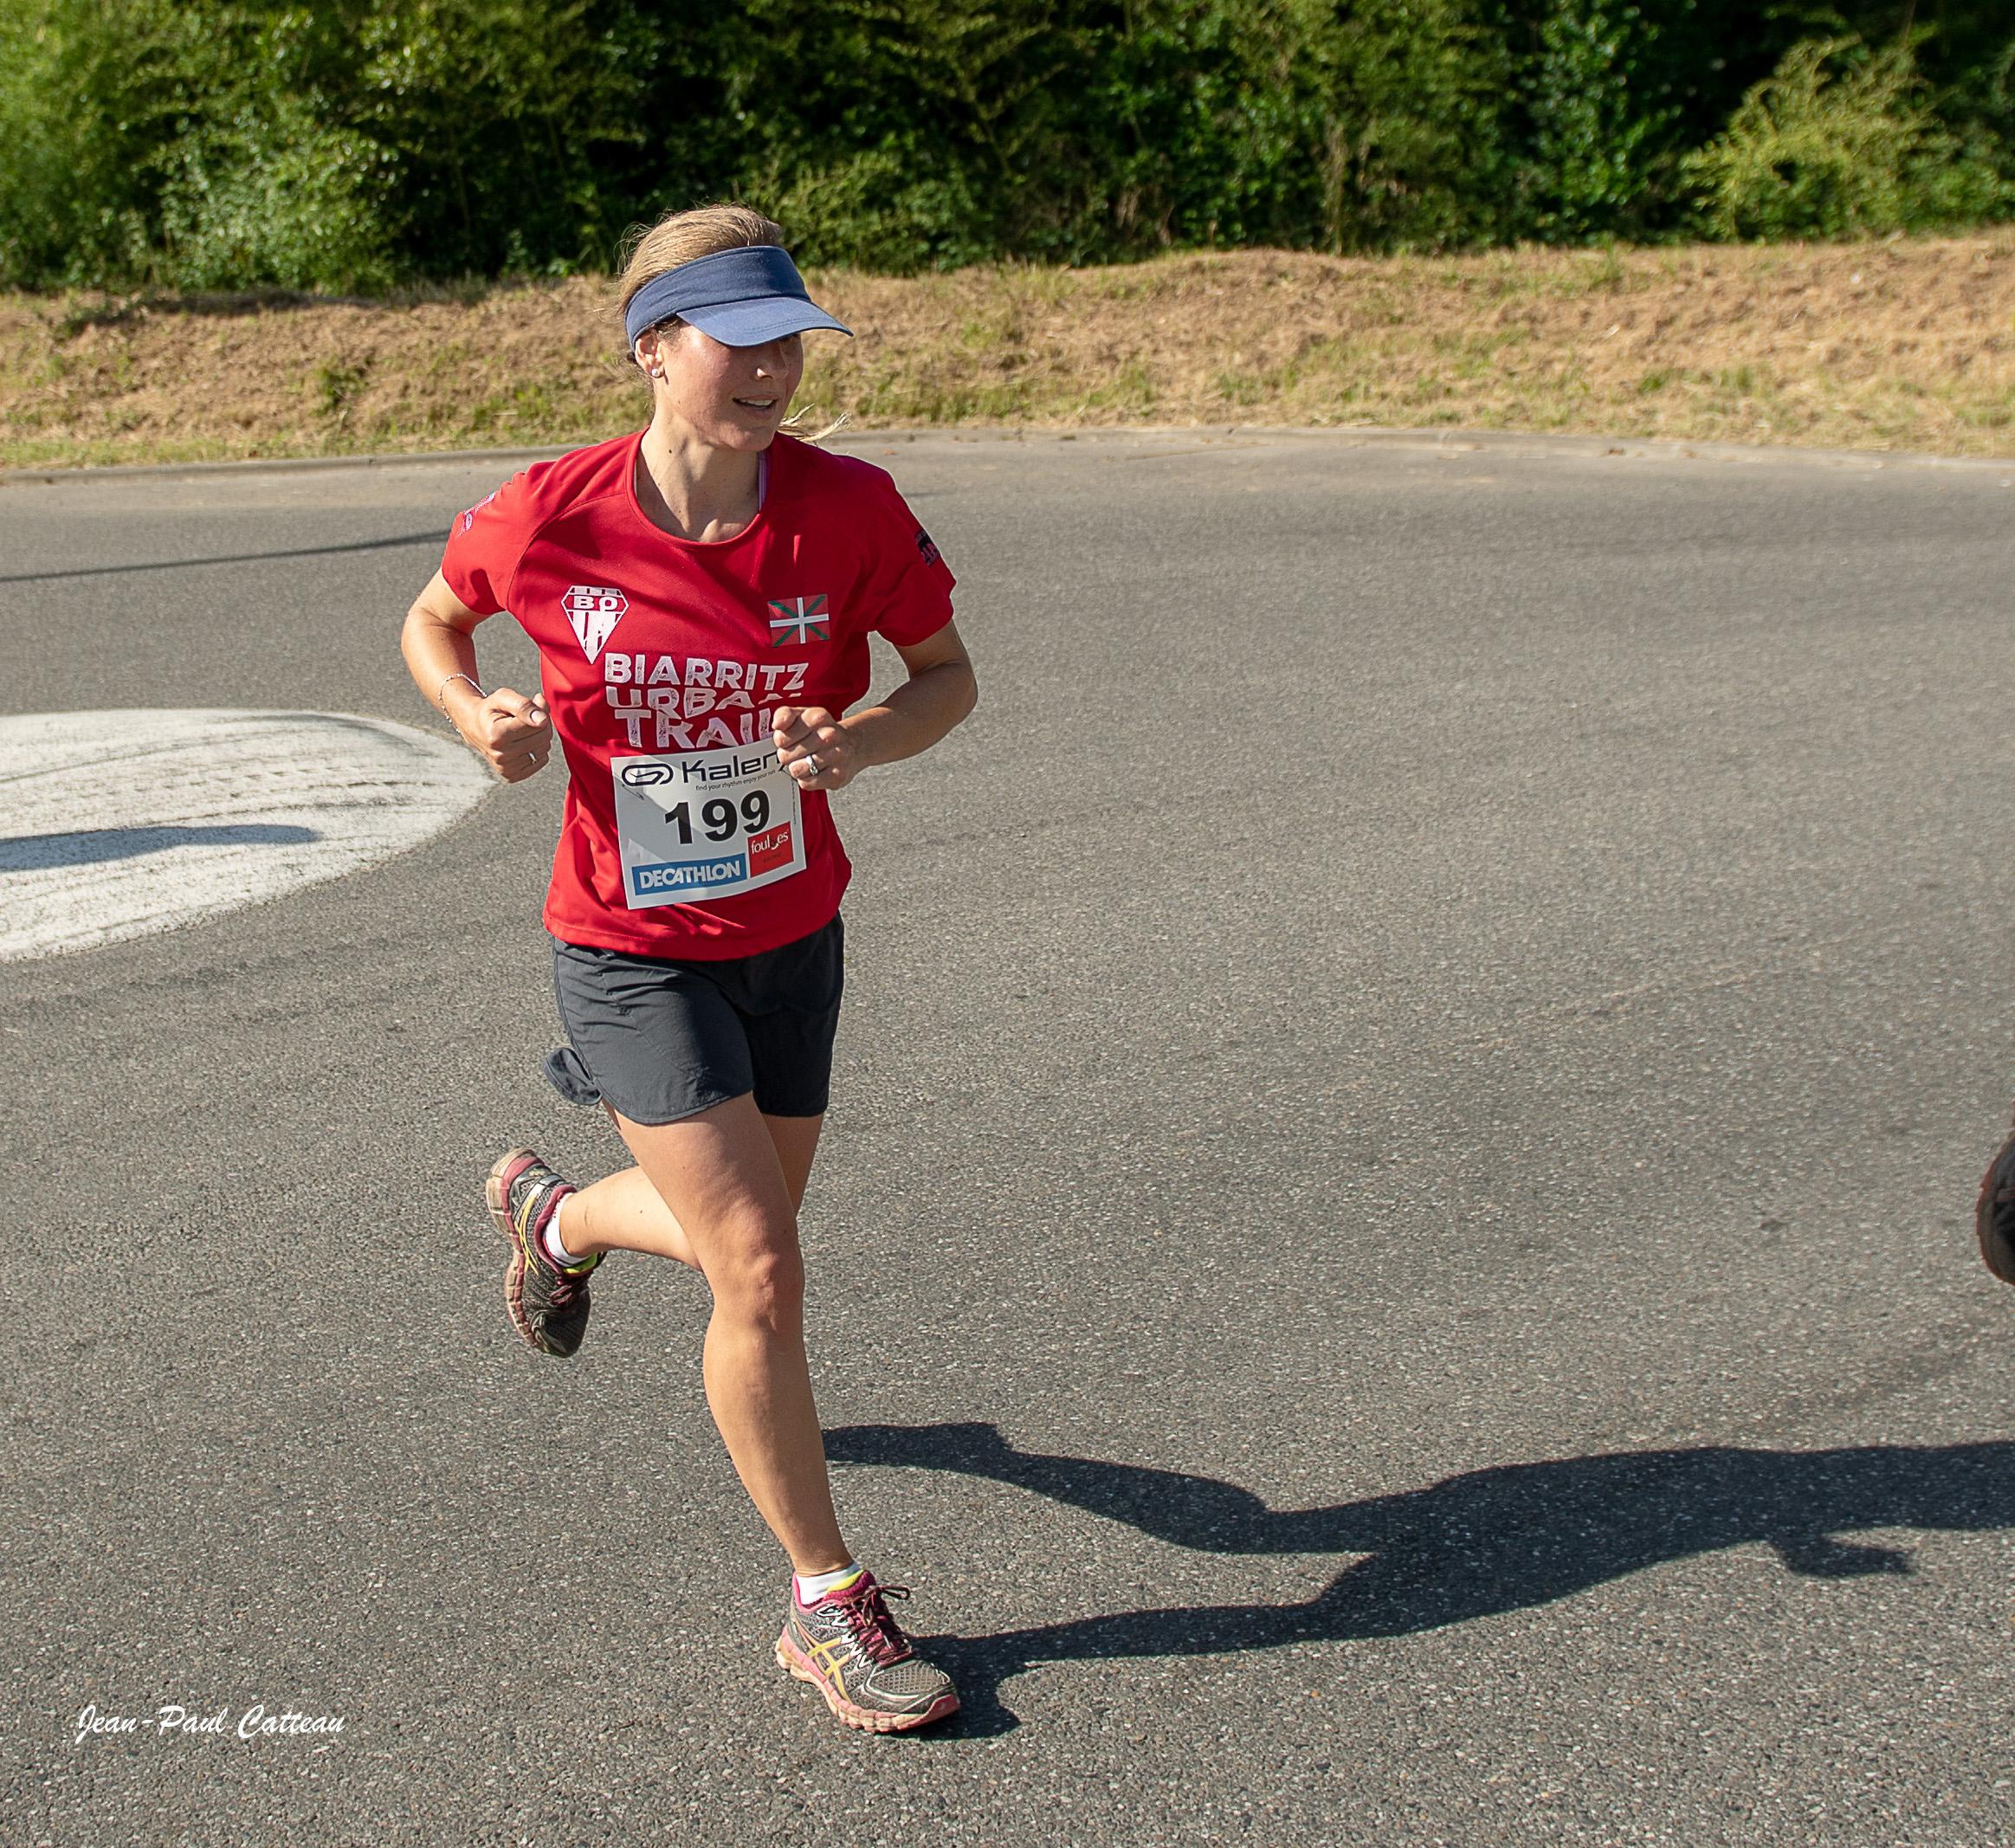 Marathon_de_Biarritz_-_Cité_Océan_-_24_juin_2018_109